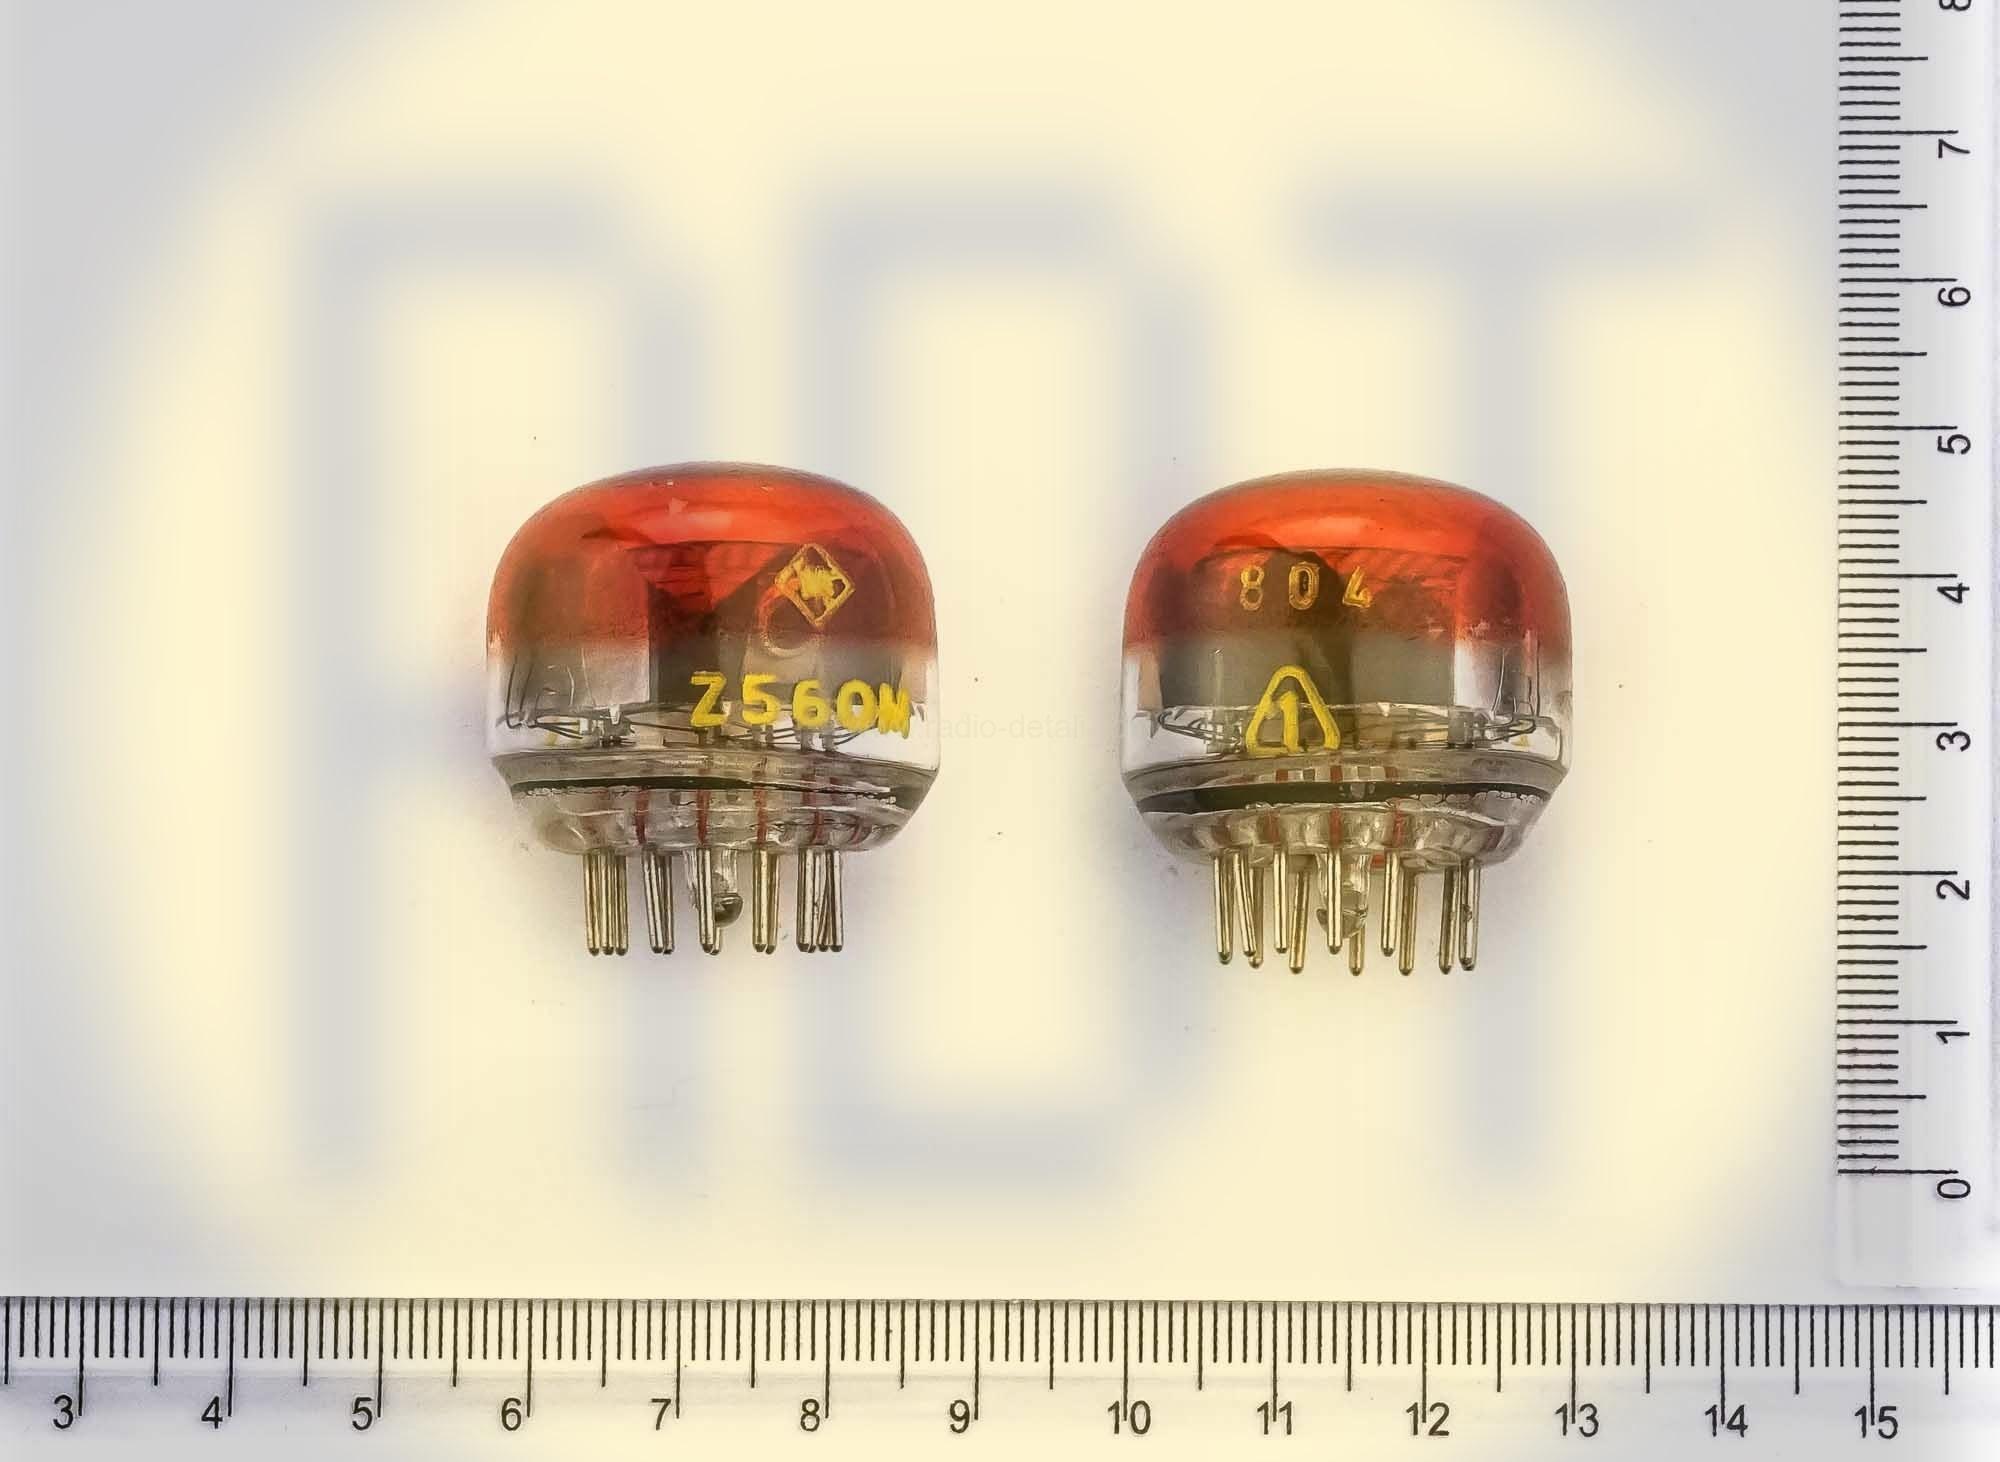 14. Z560M